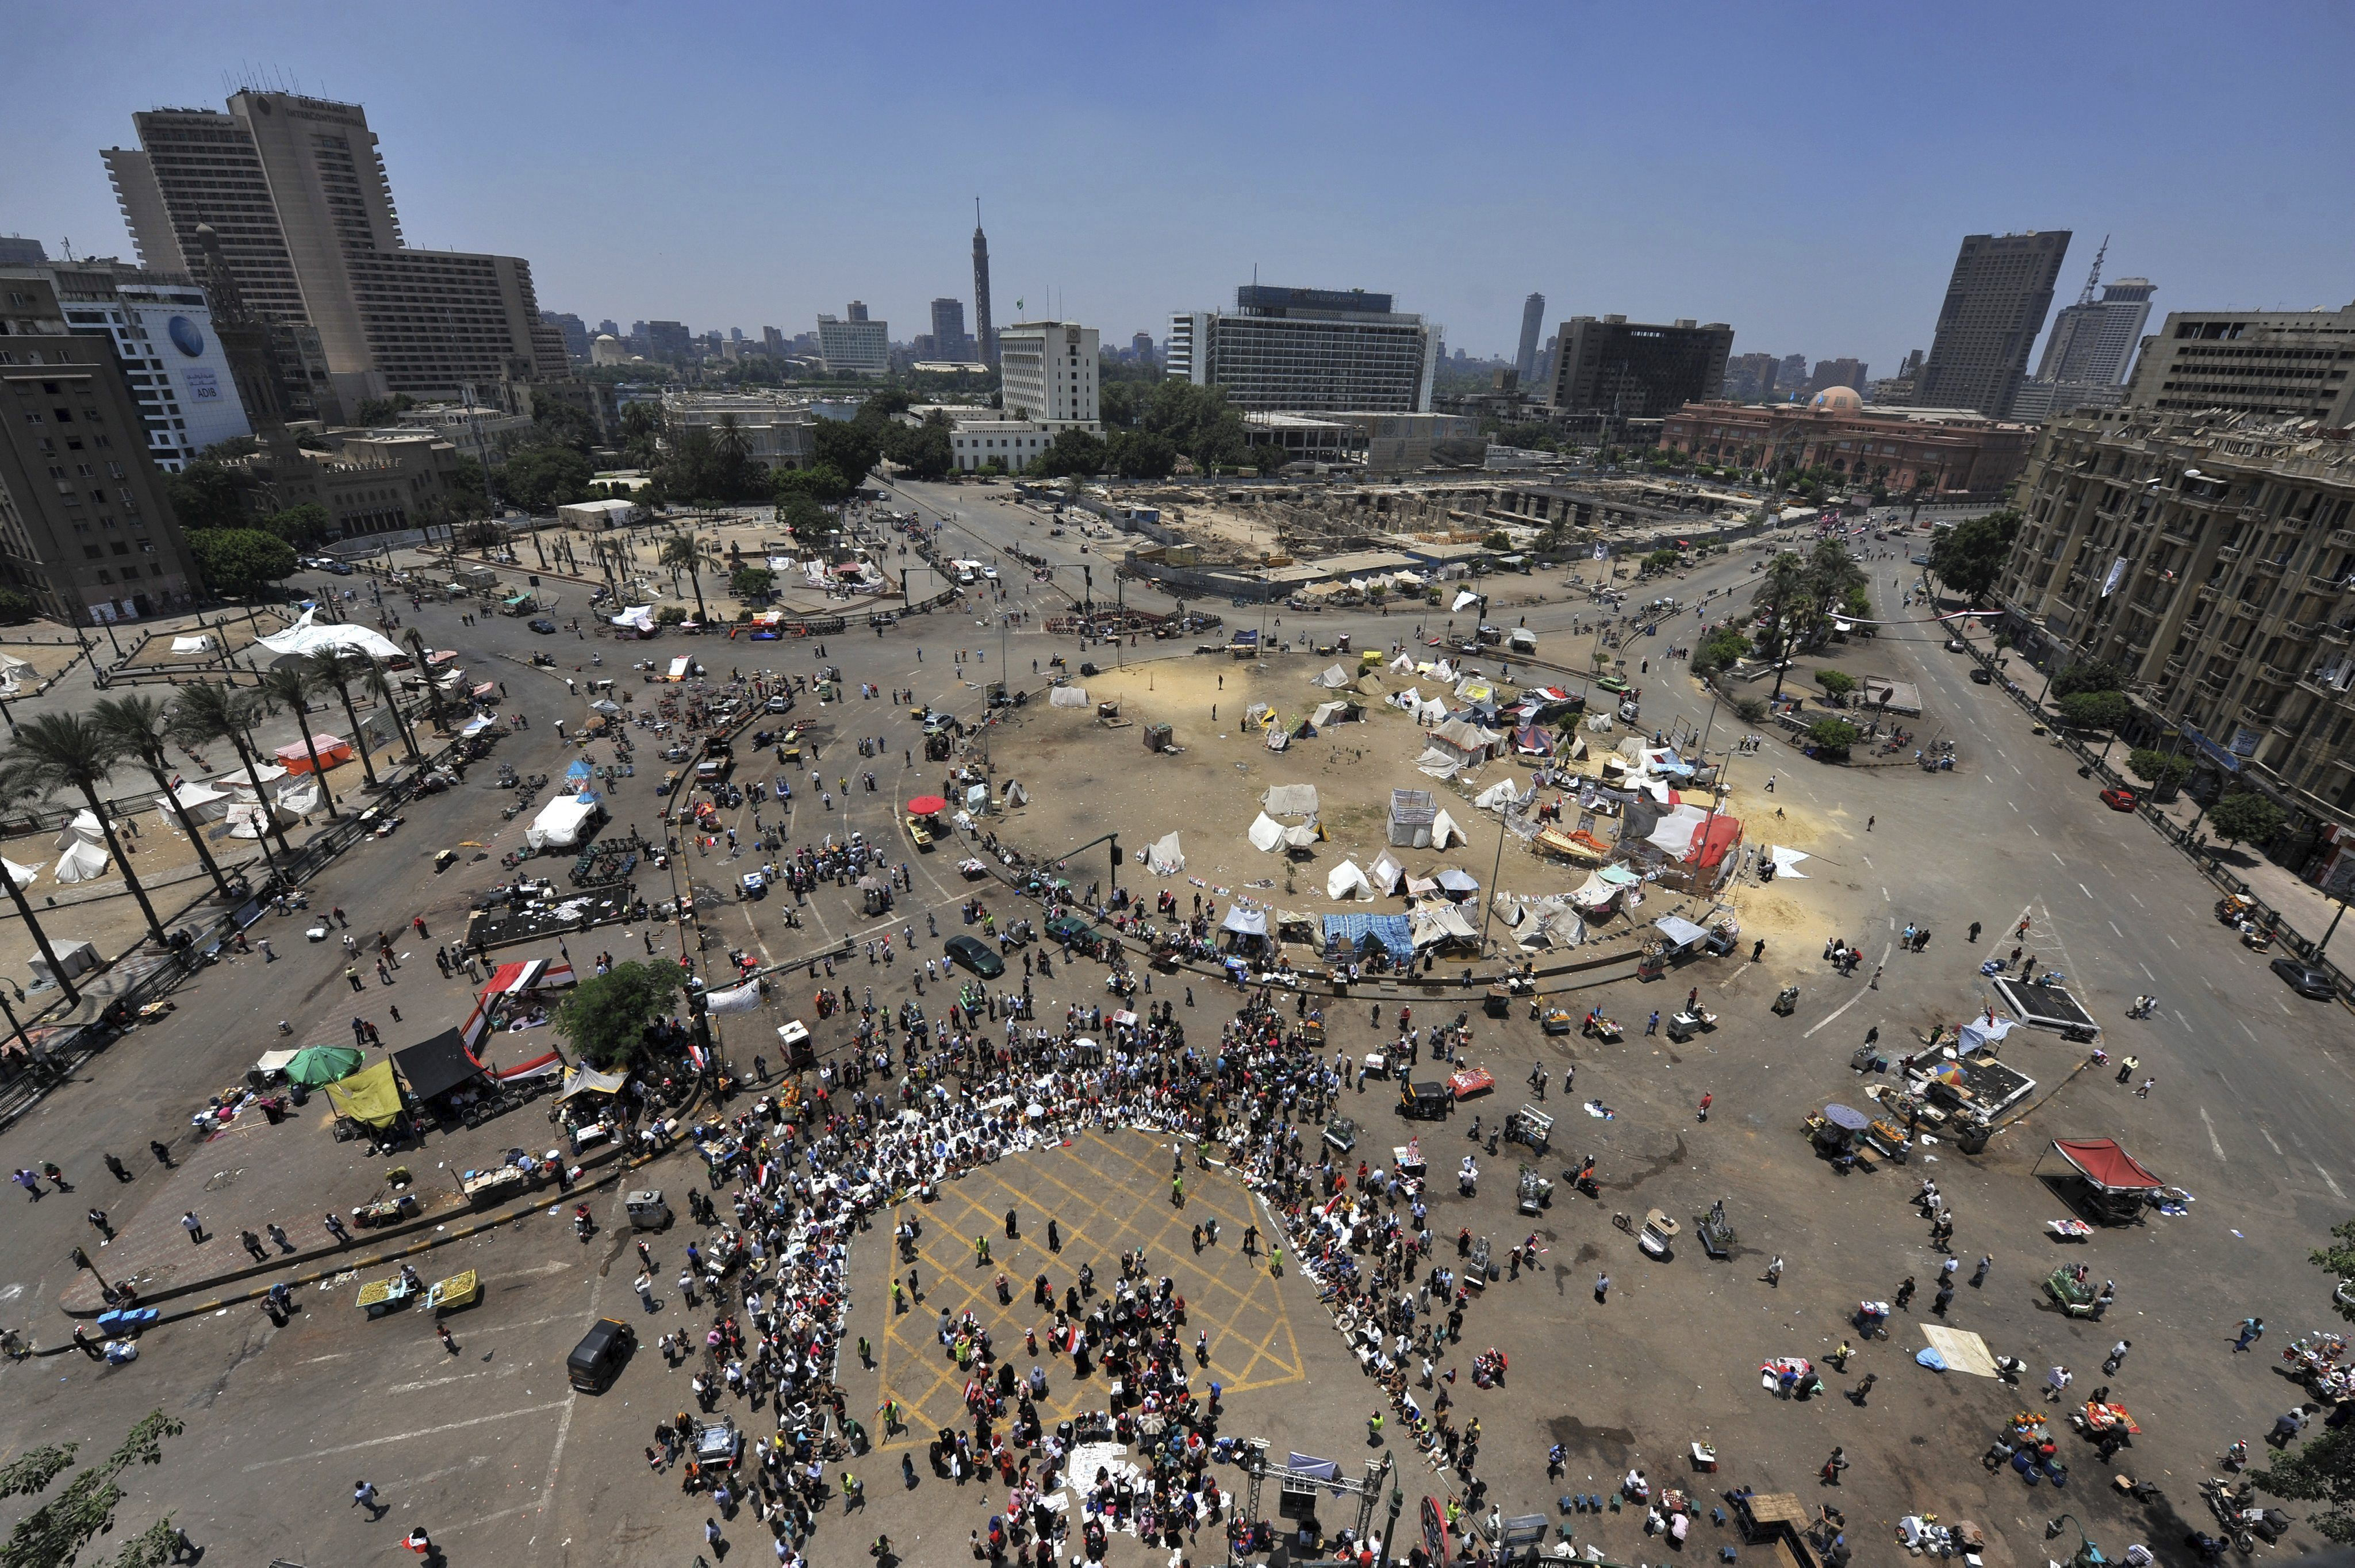 El jefe del Ejército egipcio dice al rey saudí que la situación es «estable»